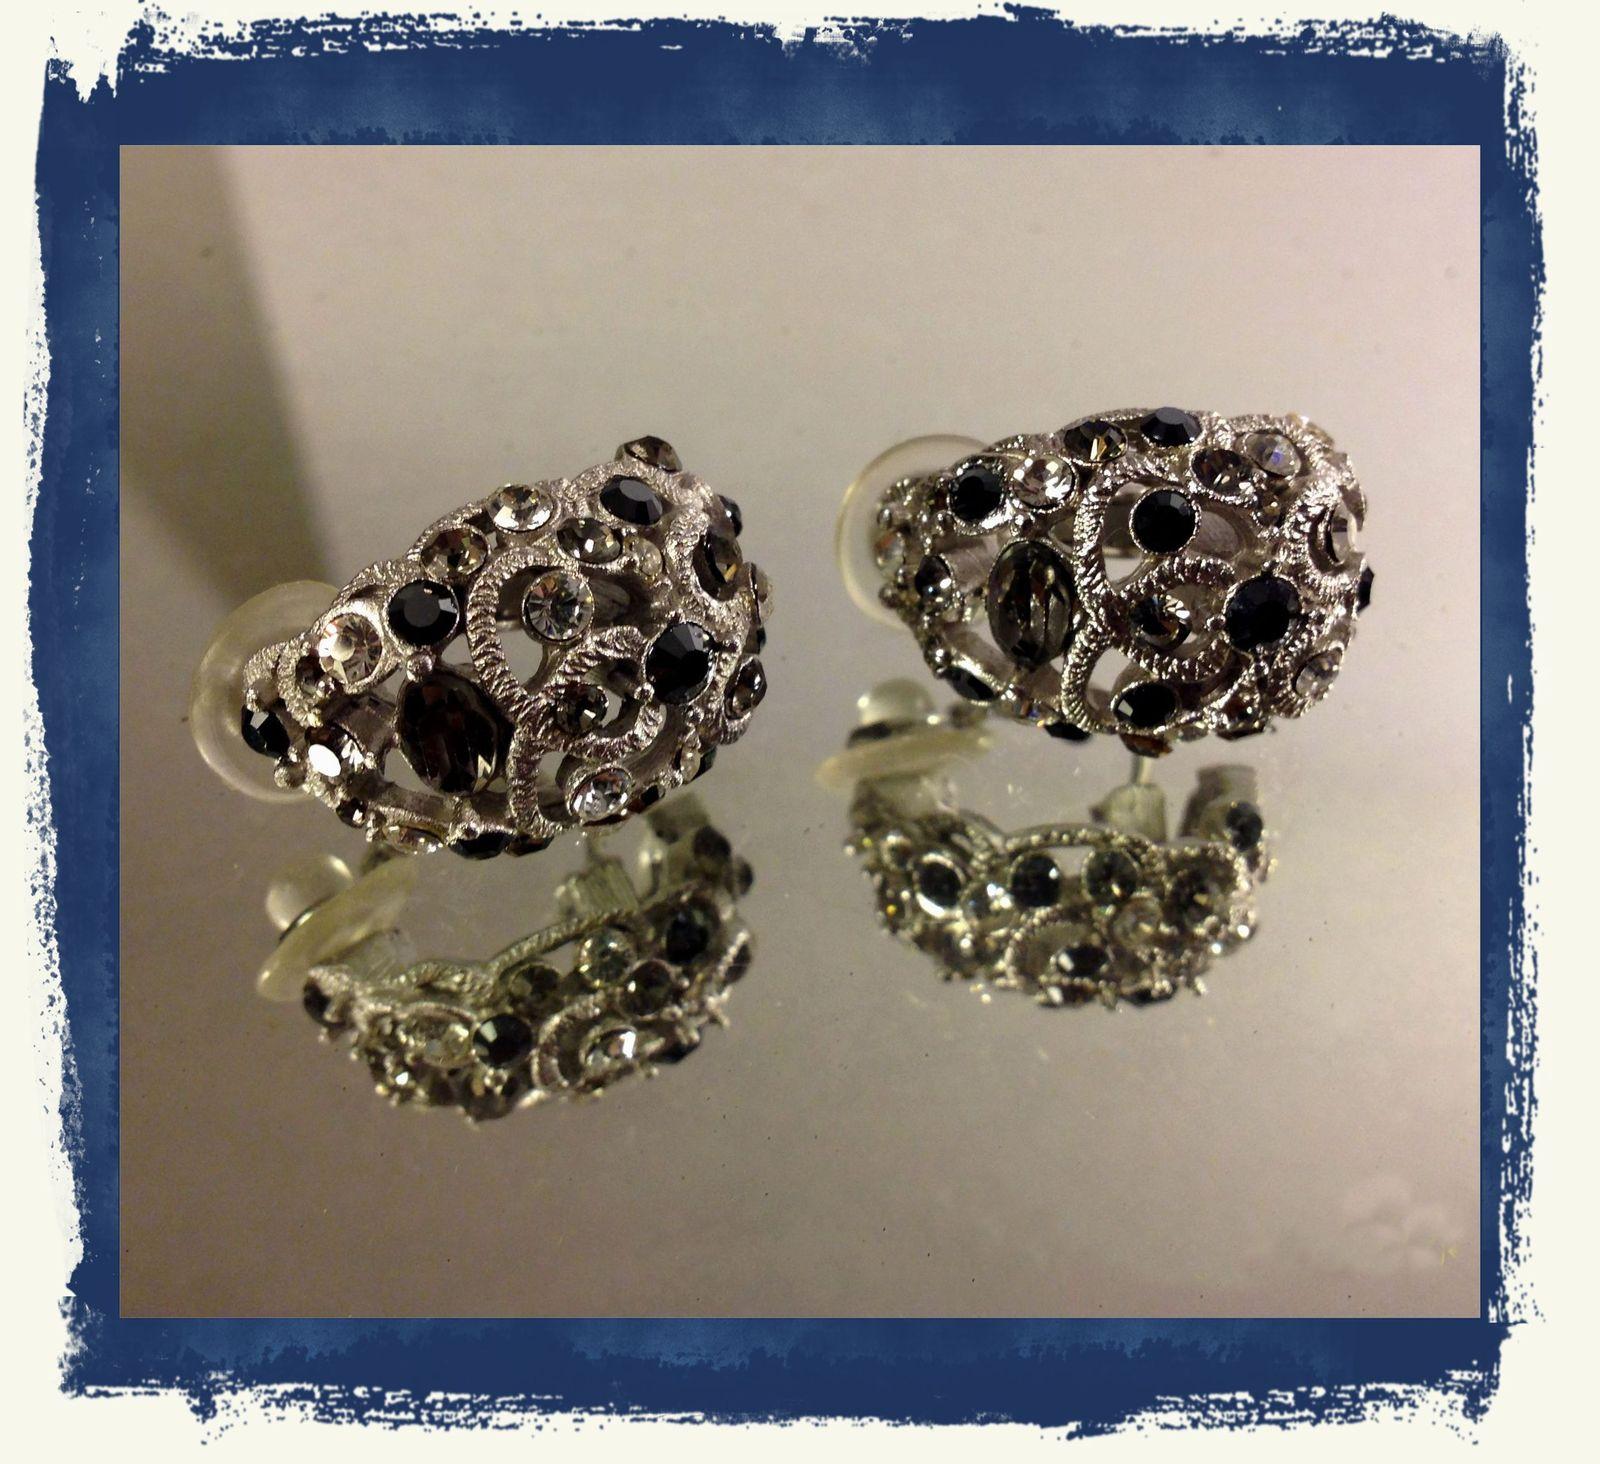 VTG Silvertone Filigree *Smoke/Black/Clear Rhinestones Cluster Pierced Earrings